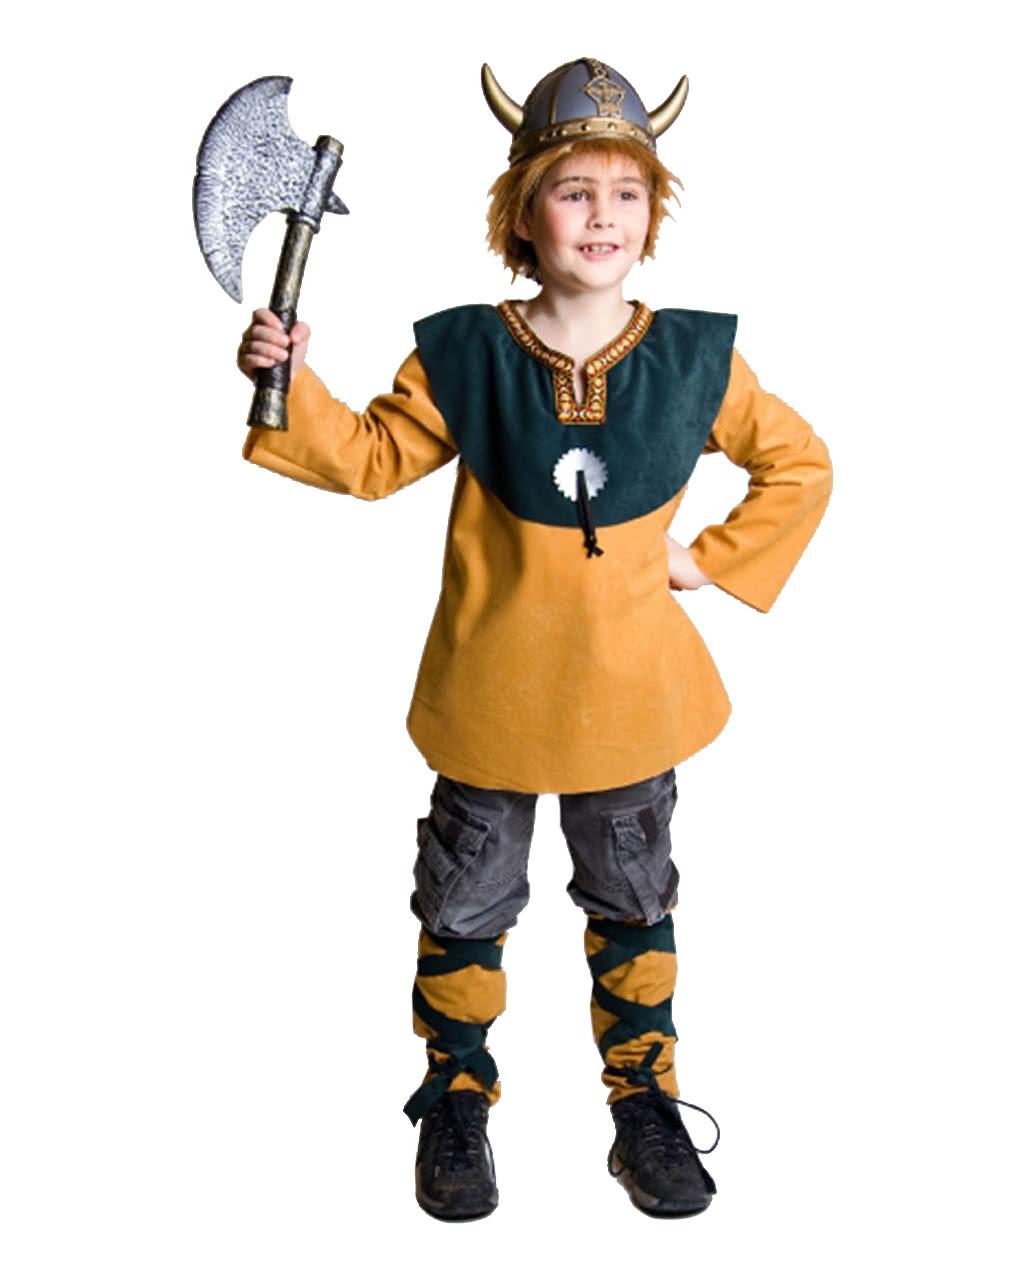 Kleiner Wikinger Kinder Kostum Grosse Auswahl An Karnevalskostumen